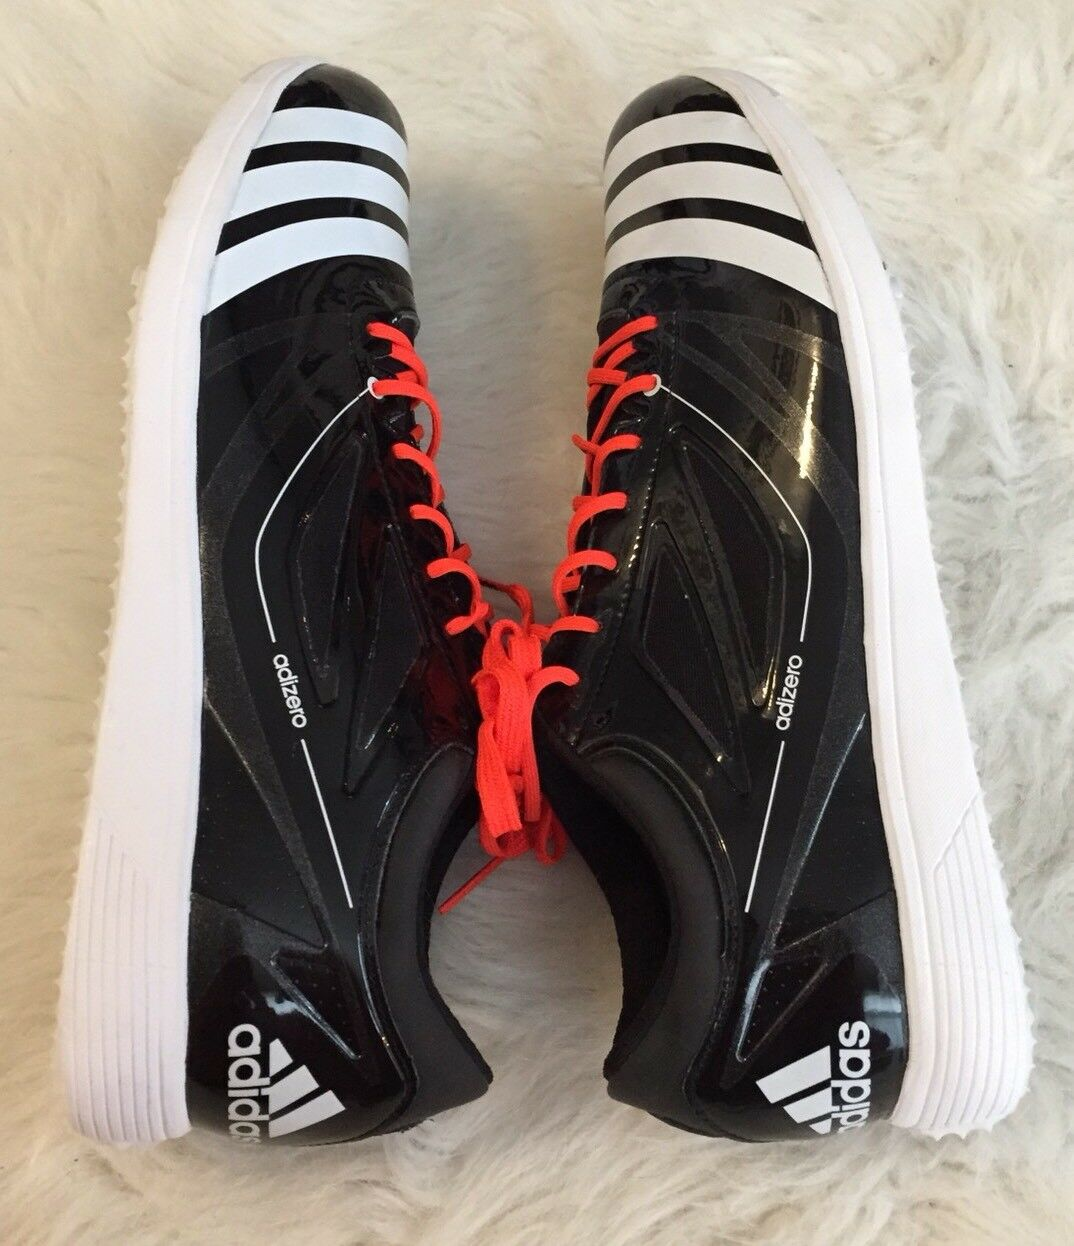 Adidas - schuhe moderator track läuft spike schuhe - schwarzer spitze männer ist größe 12 1 / 2 7cdf3b